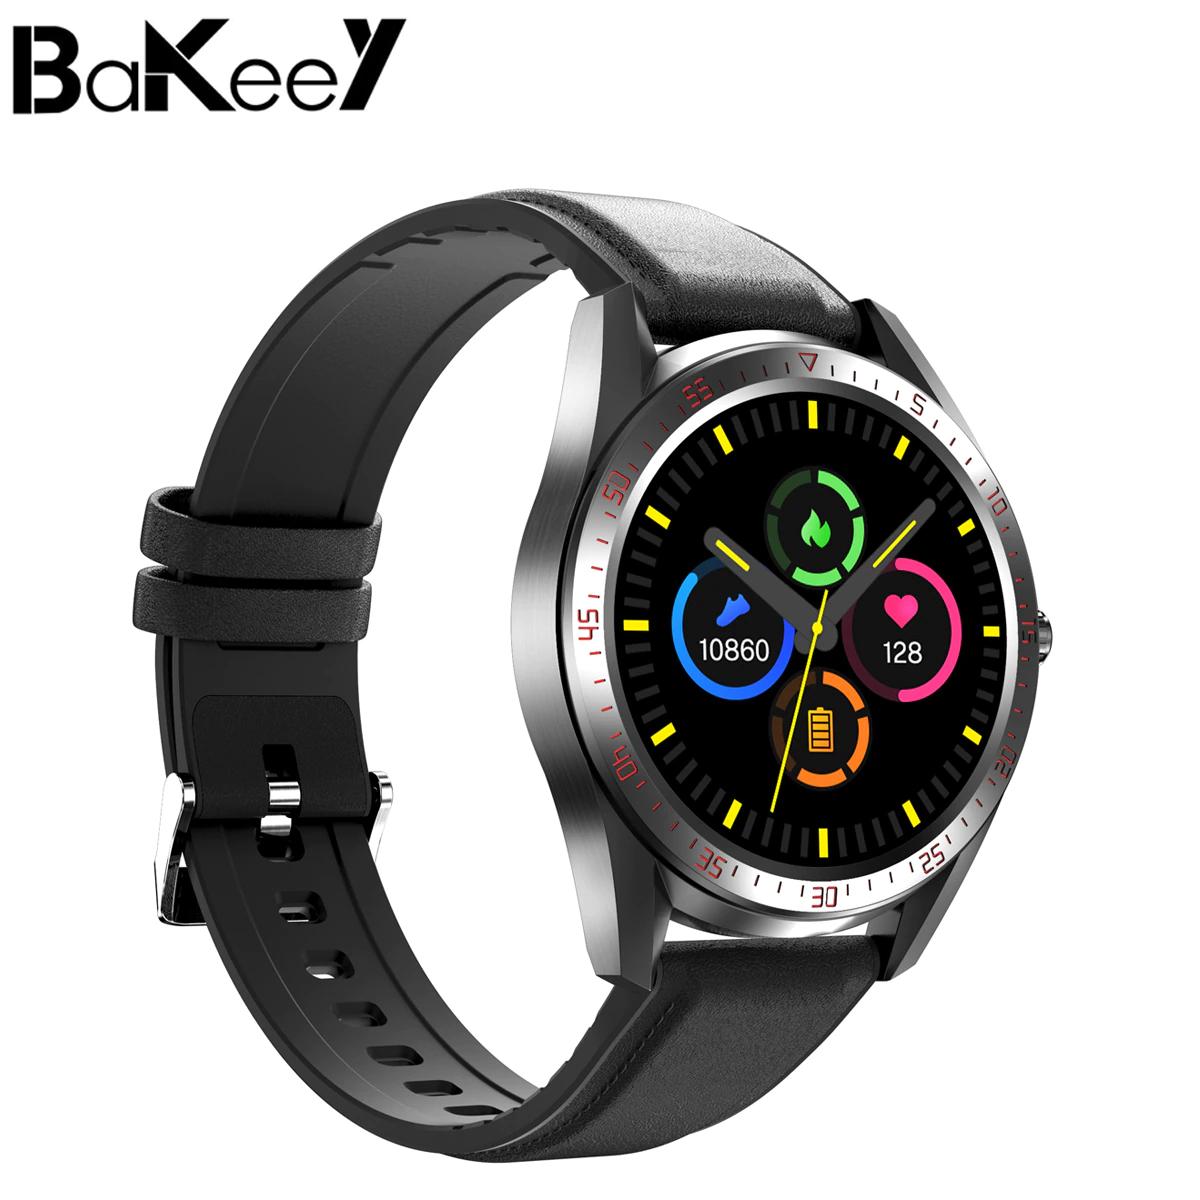 Reloj inteligente Bakeey JD01